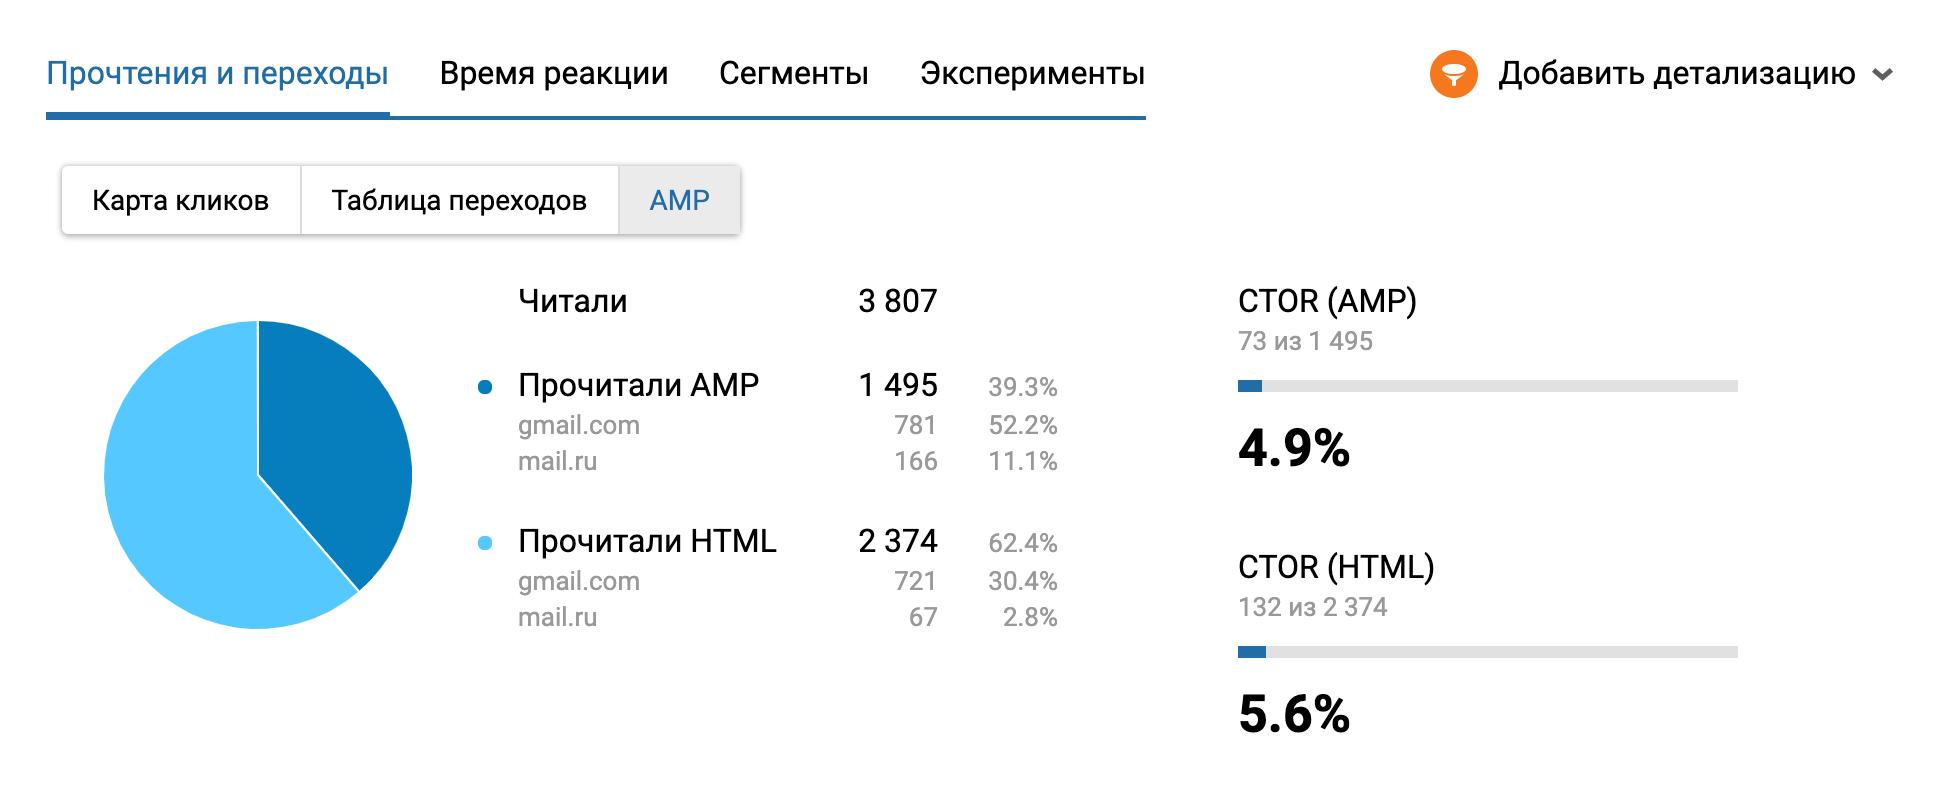 Статистика АМР